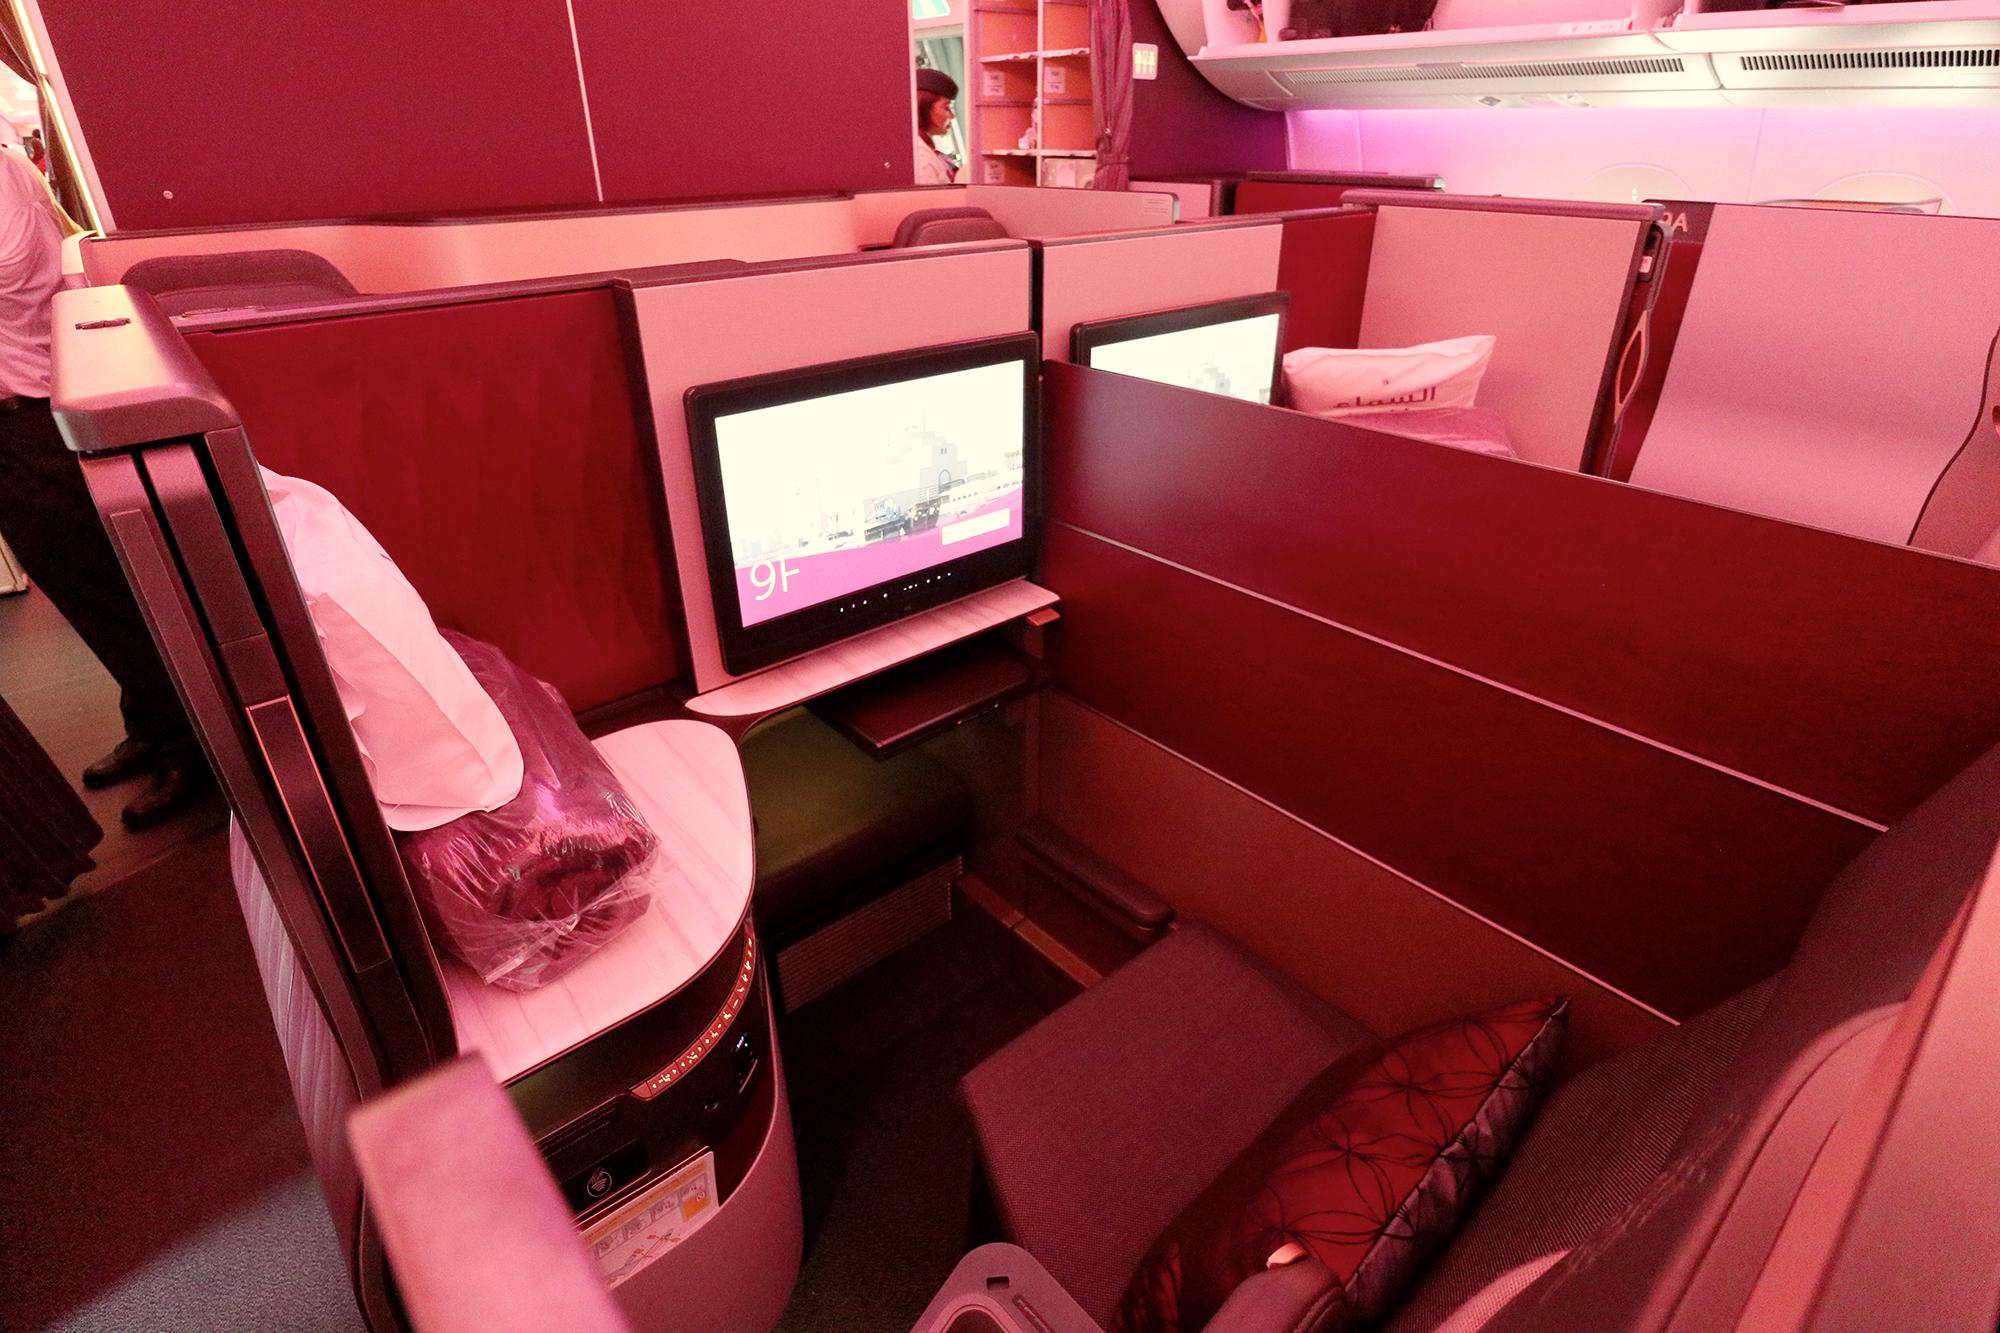 Seats 9E-9F